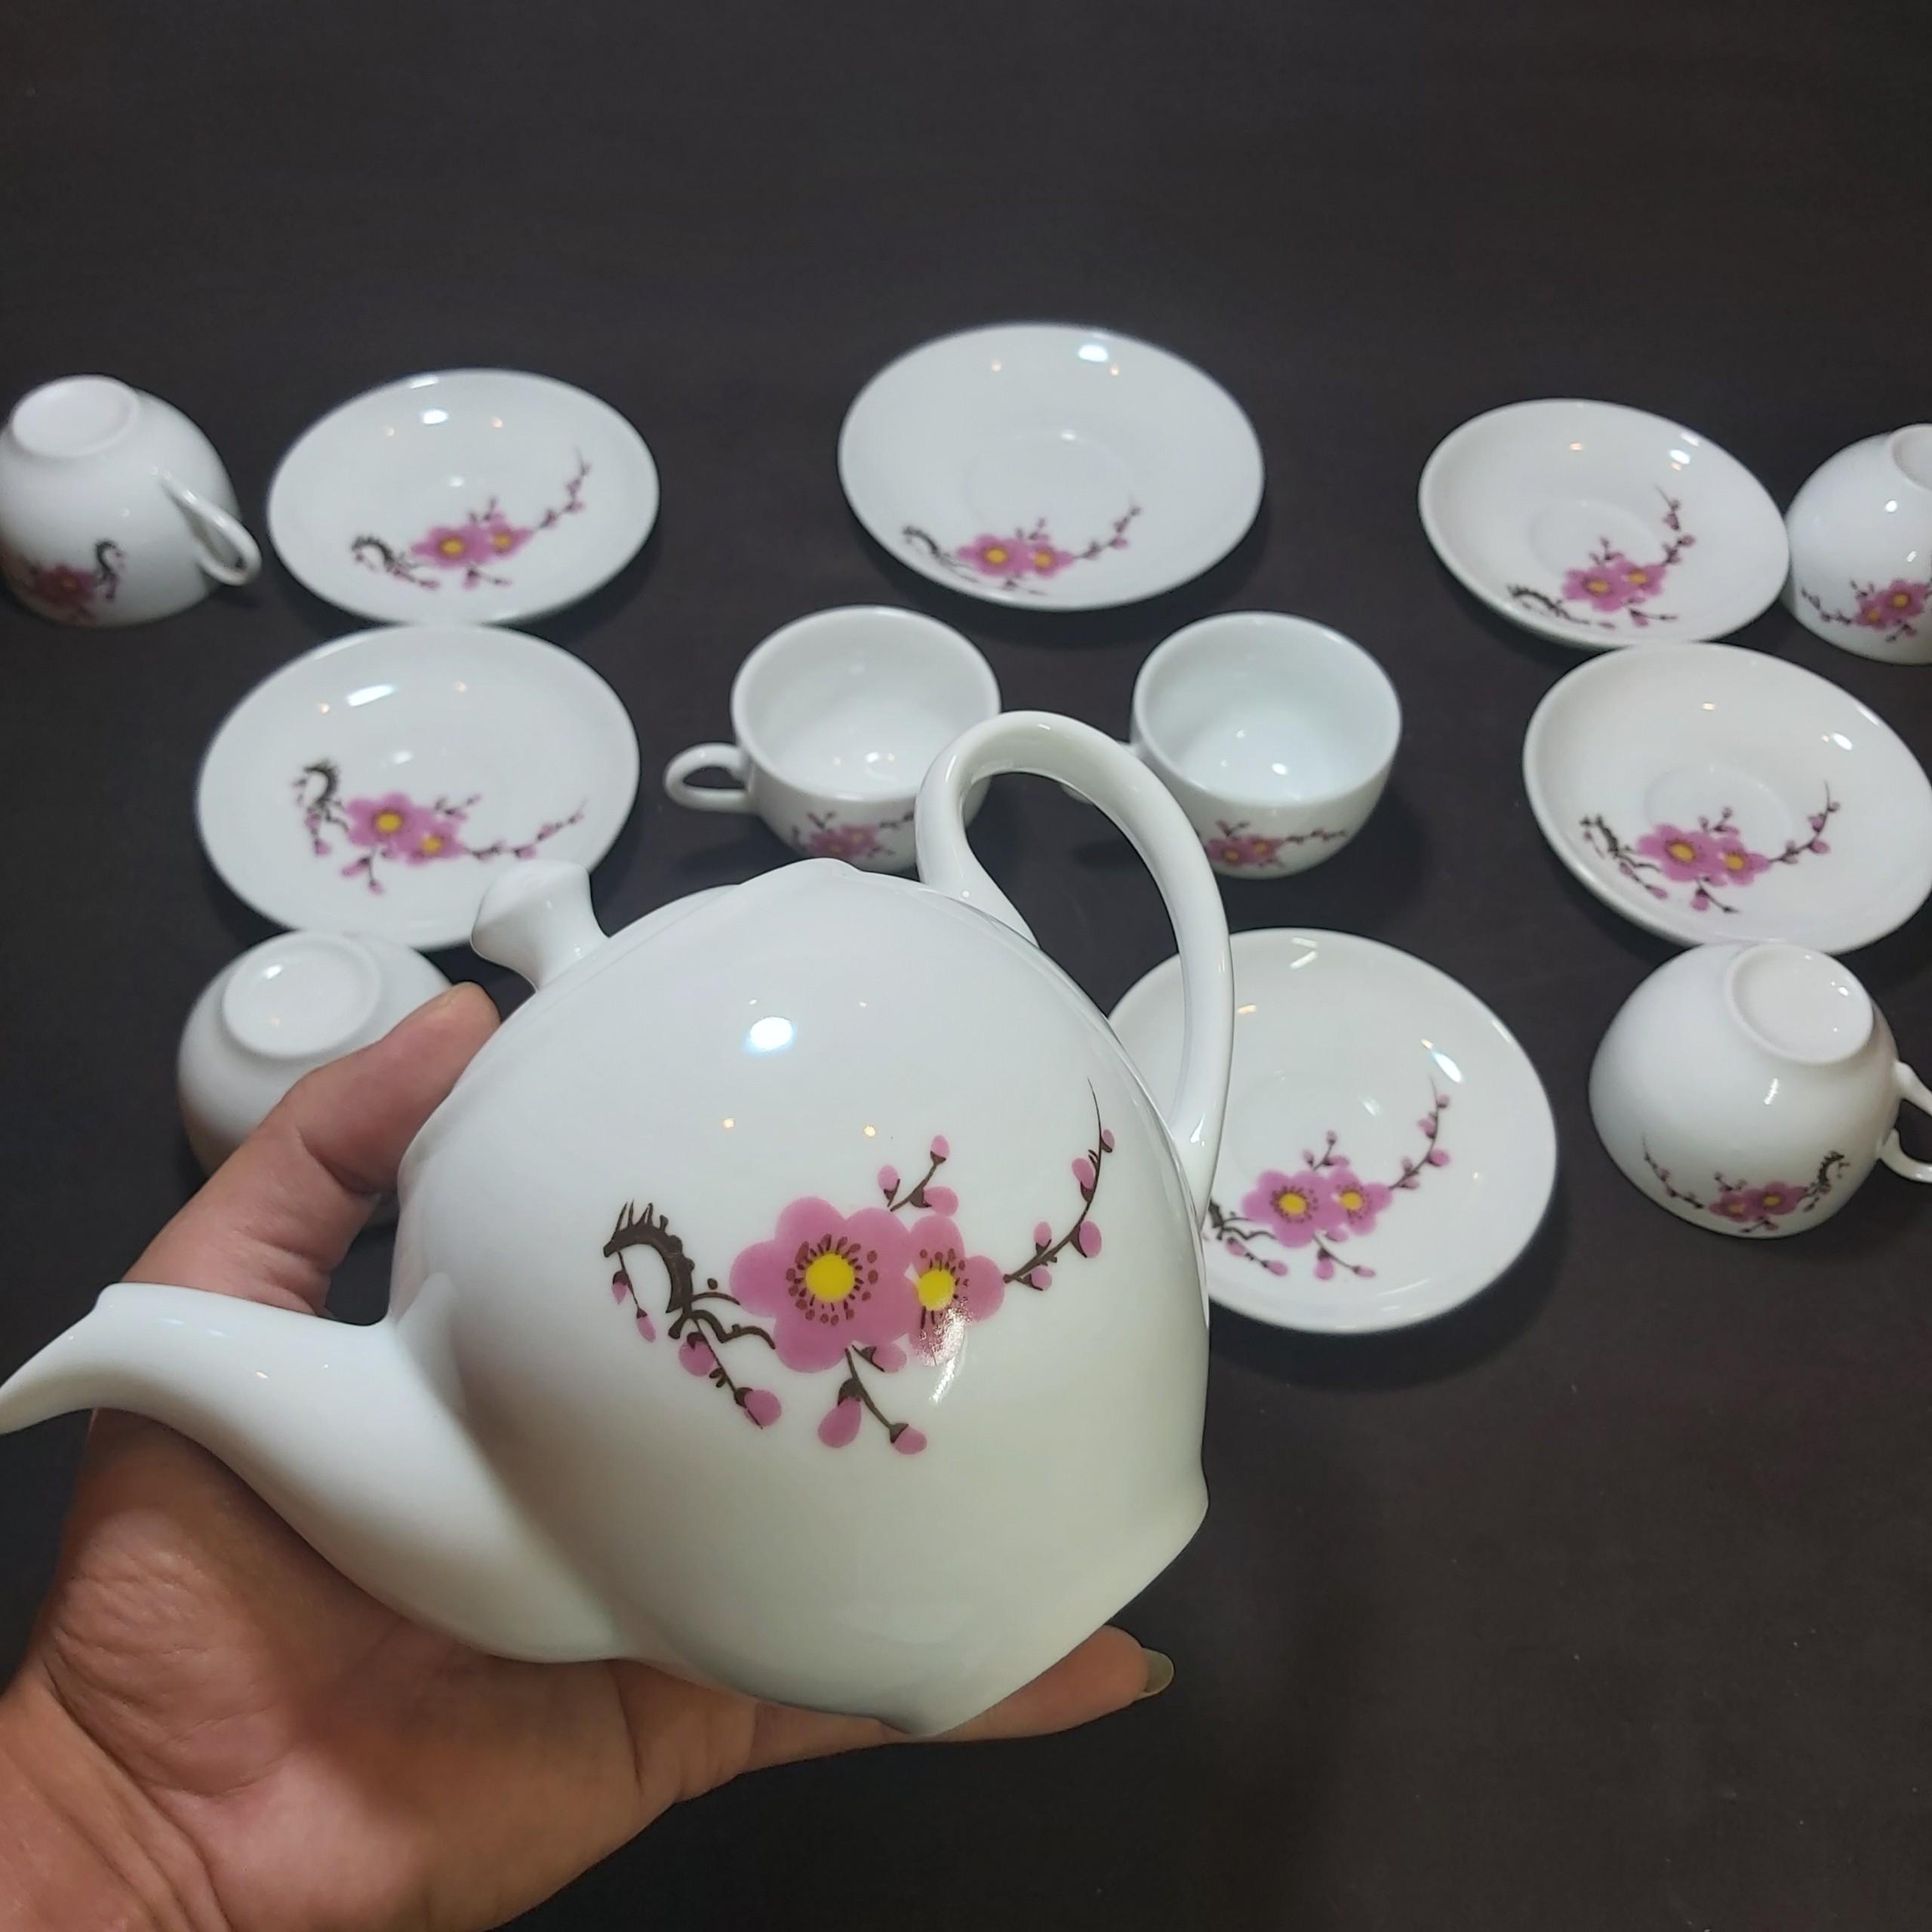 Bộ Ấm Trà Bát Tràng Cao Cấp mẫu TRÒN – Bình trà Họa Tiết HOA ĐÀO cực đẹp – Màu Trắng - lan tỏa không khí tươi mới ngày tết - 1 ấm, 6 ly, 7 dĩa